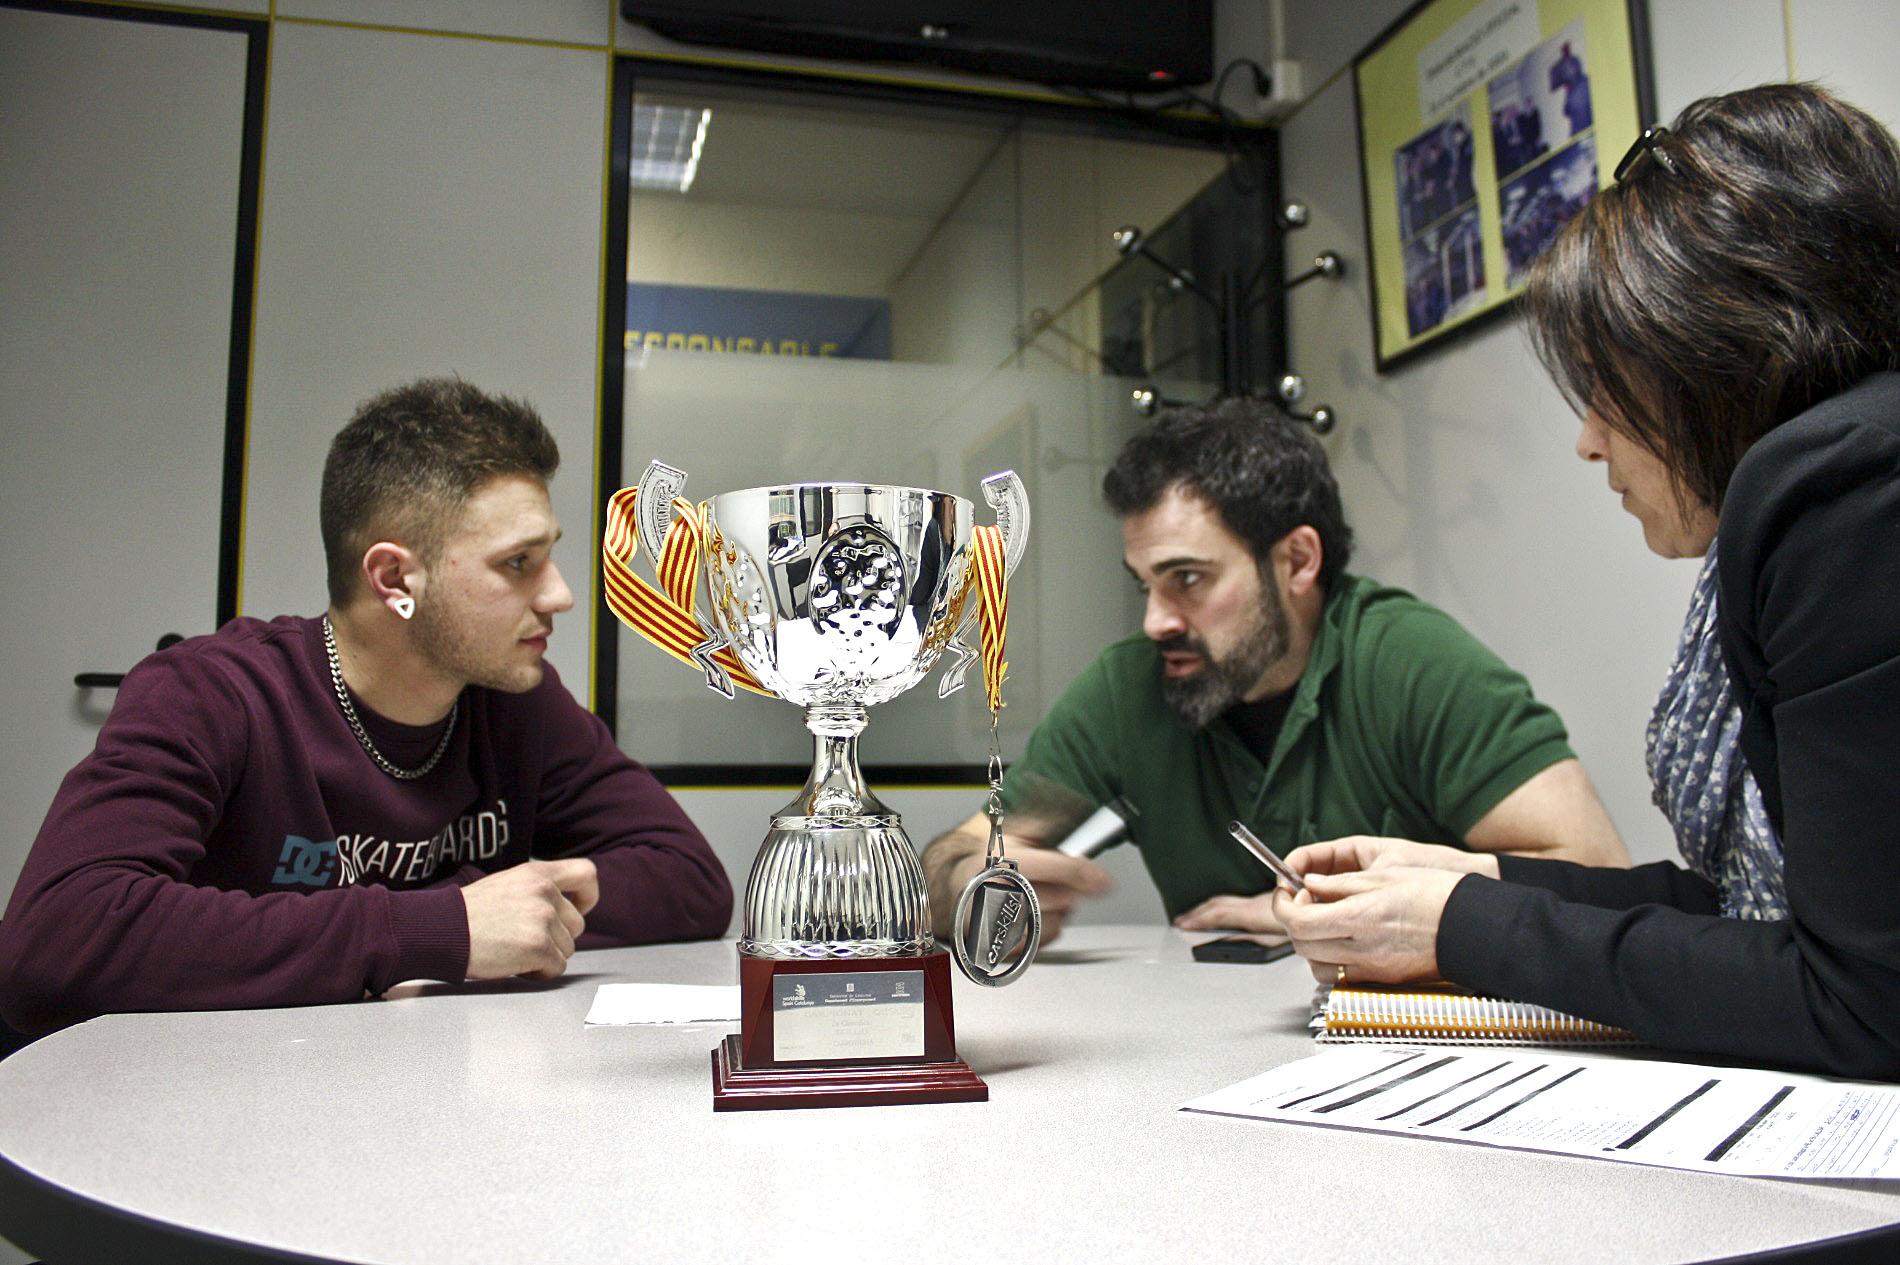 D'esquerra a dreta, Marc Cobos amb Jonatan Martínez, el tutor, i Marina Luaces, directora del Centre Tècnic Vallès